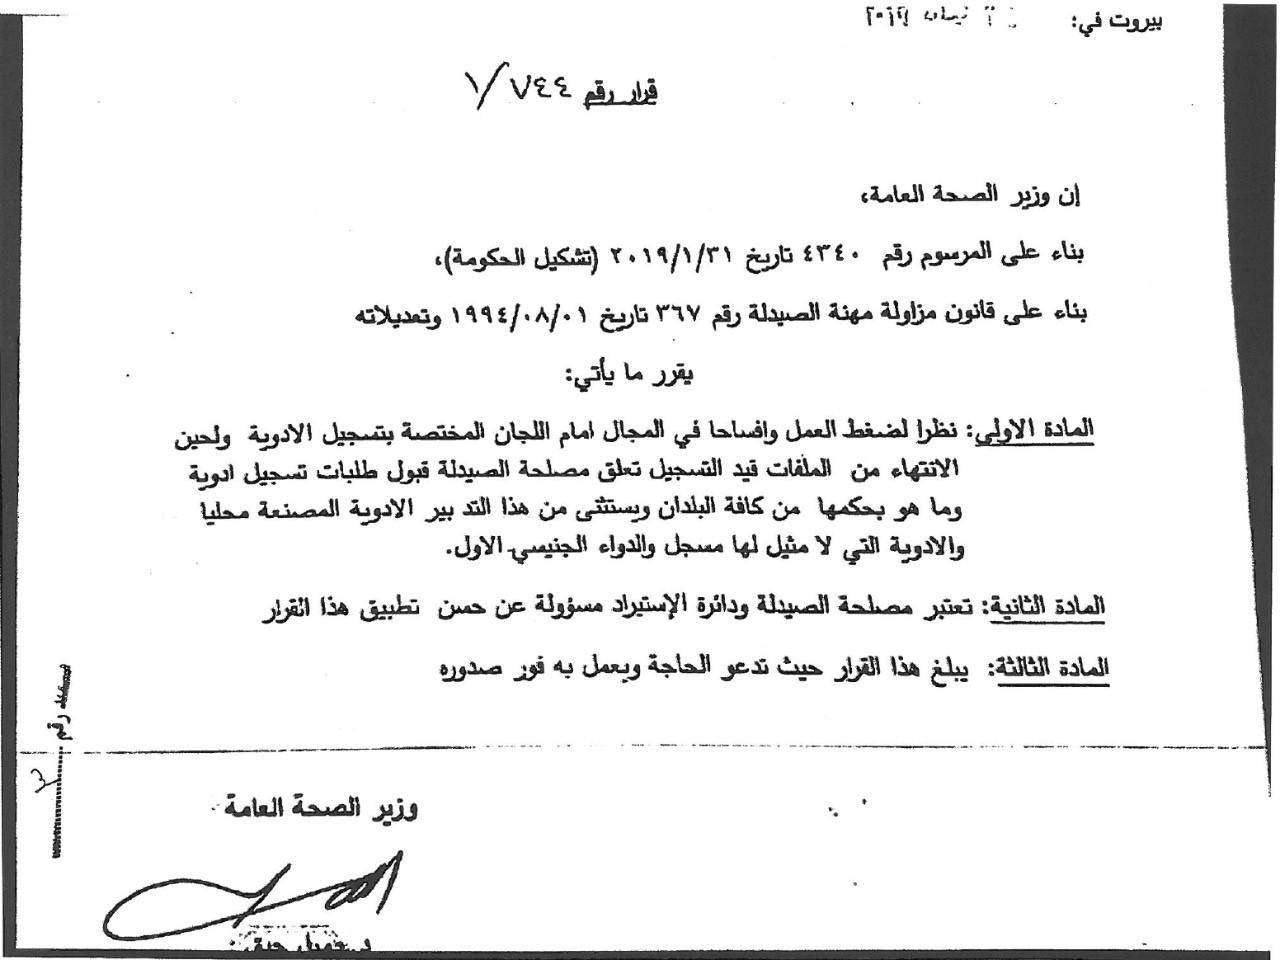 أصدر الوزير جبق قرار رقم 1/744 في أبريل 2019 بوقف قبول طلبات تسجيل الأدوية